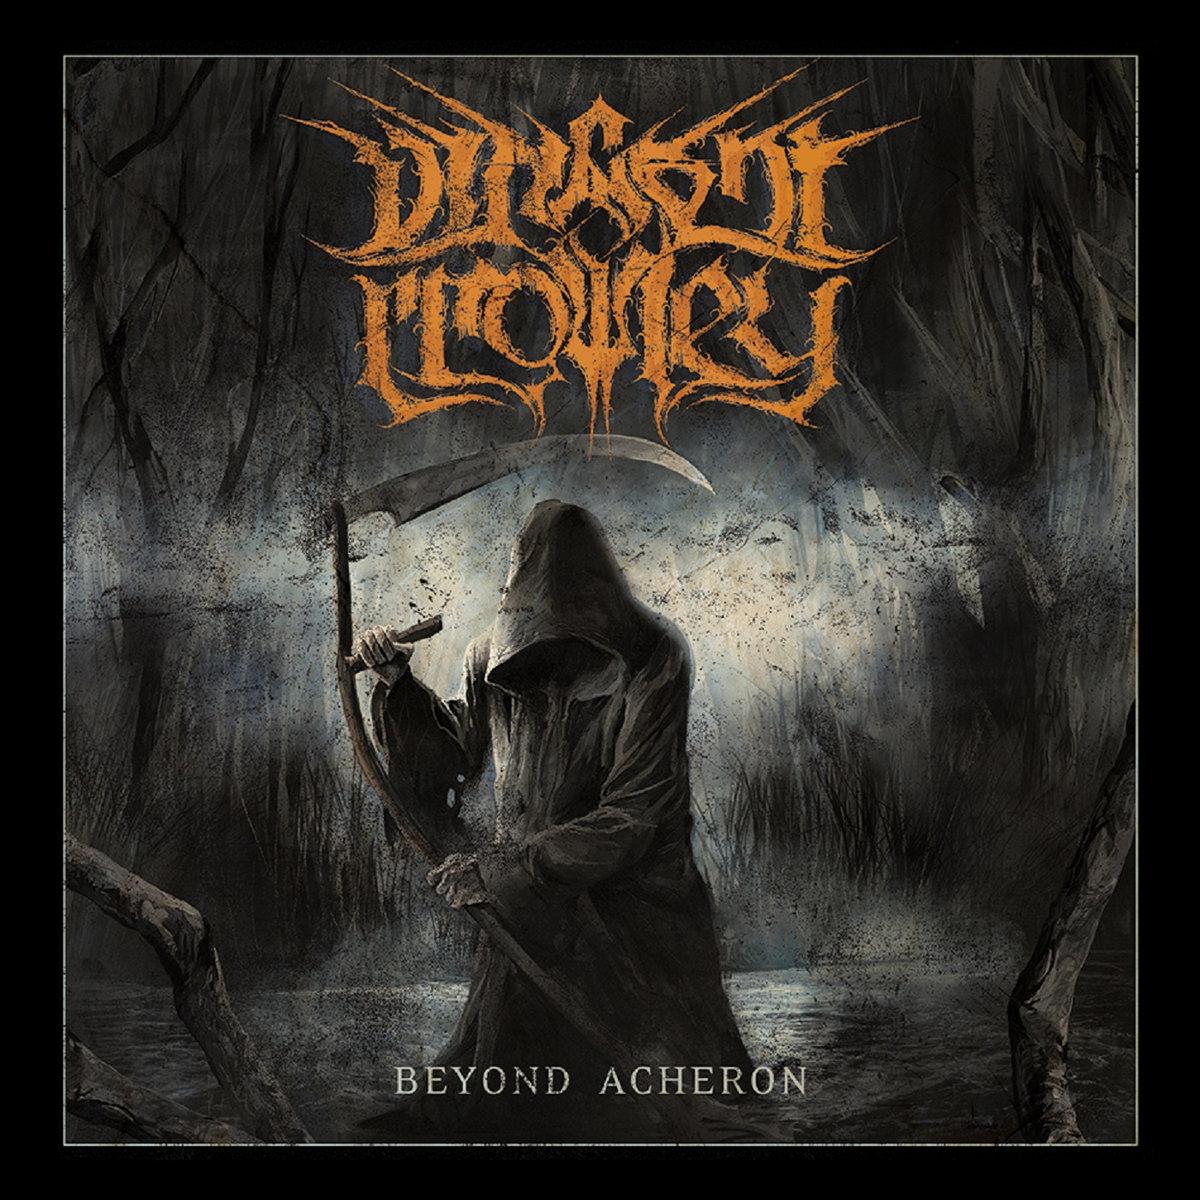 Vincent Crowley Beyond Acheron Album Cover Artwork